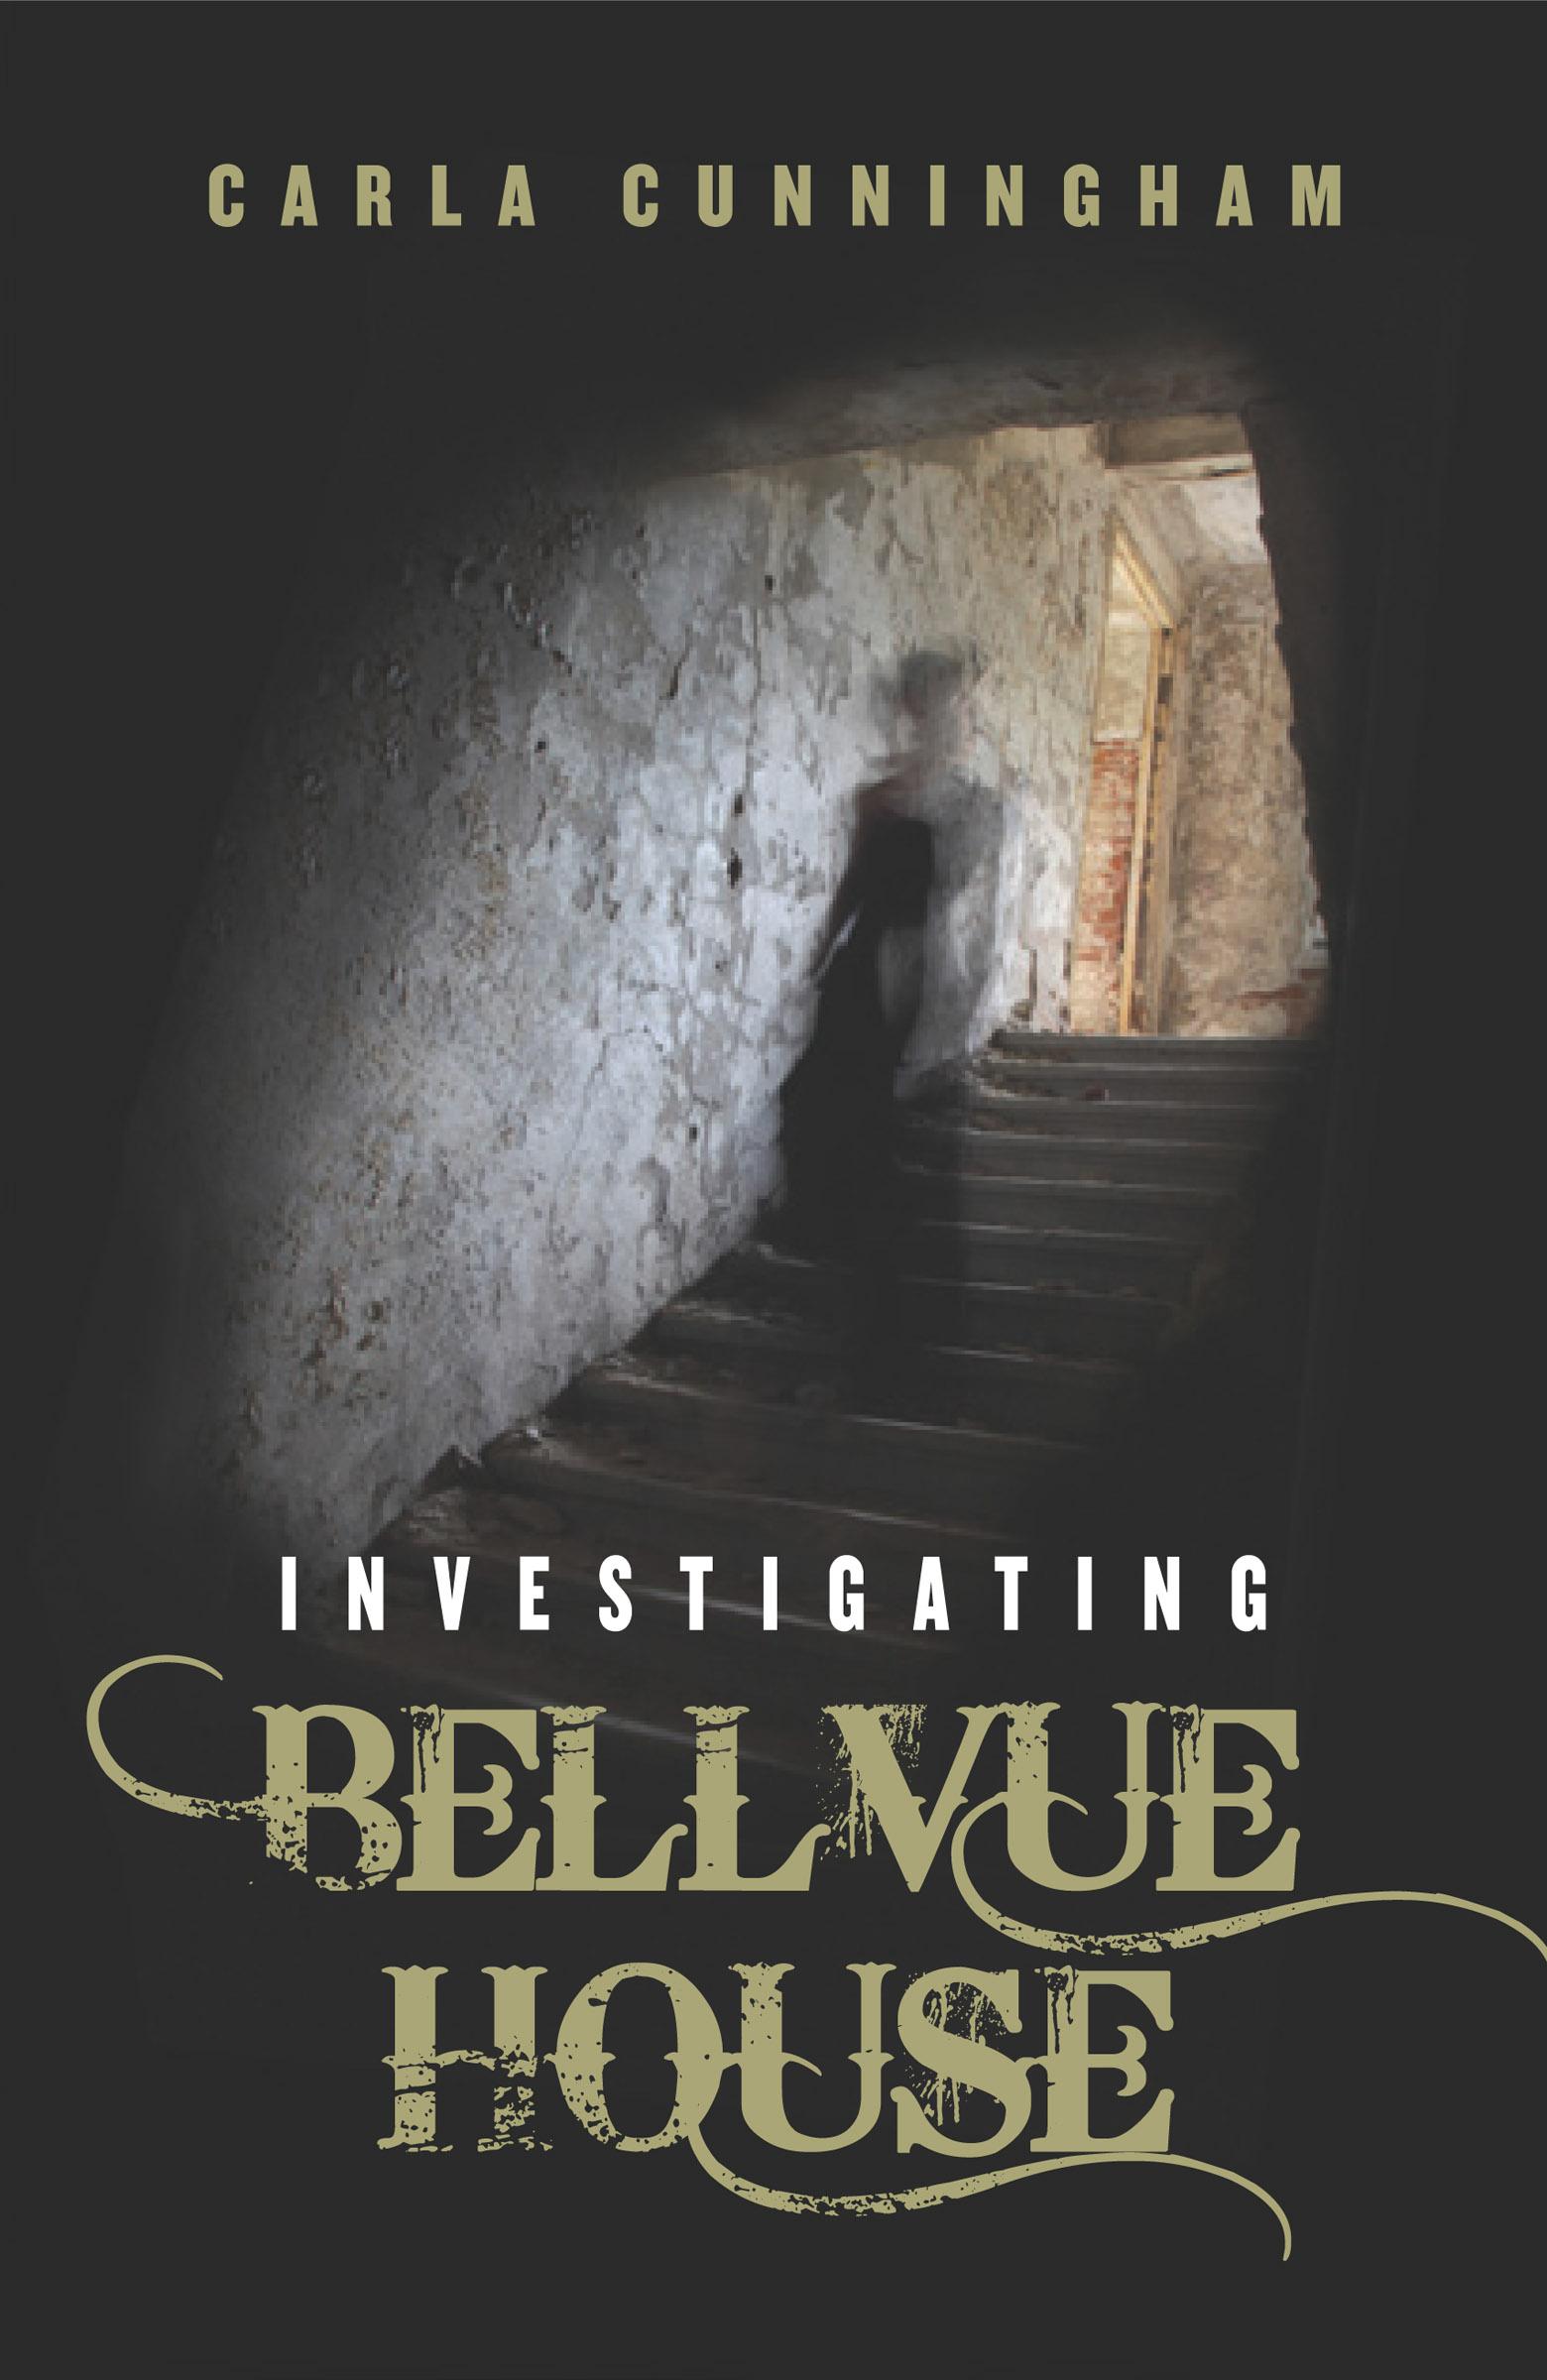 bellvue2.jpg